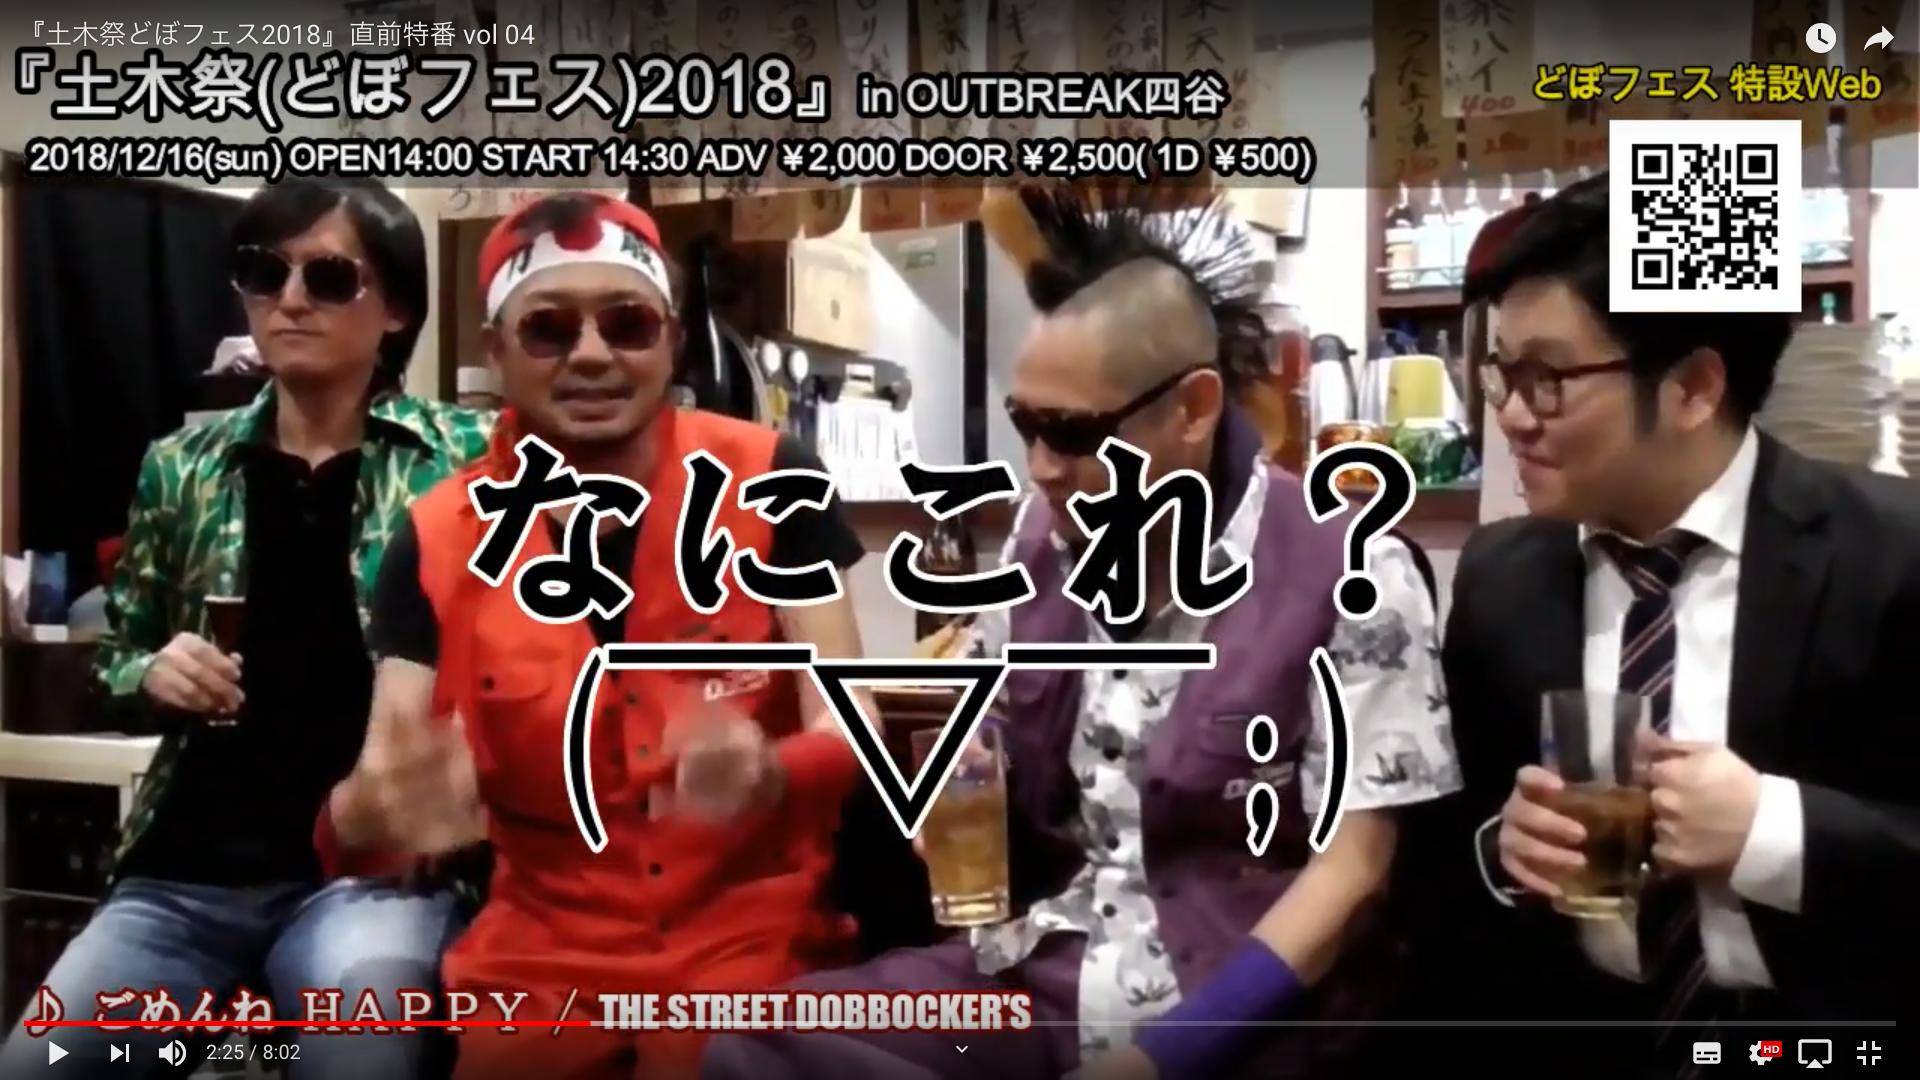 土木祭(どぼフェス)2018直前特番 vol.04